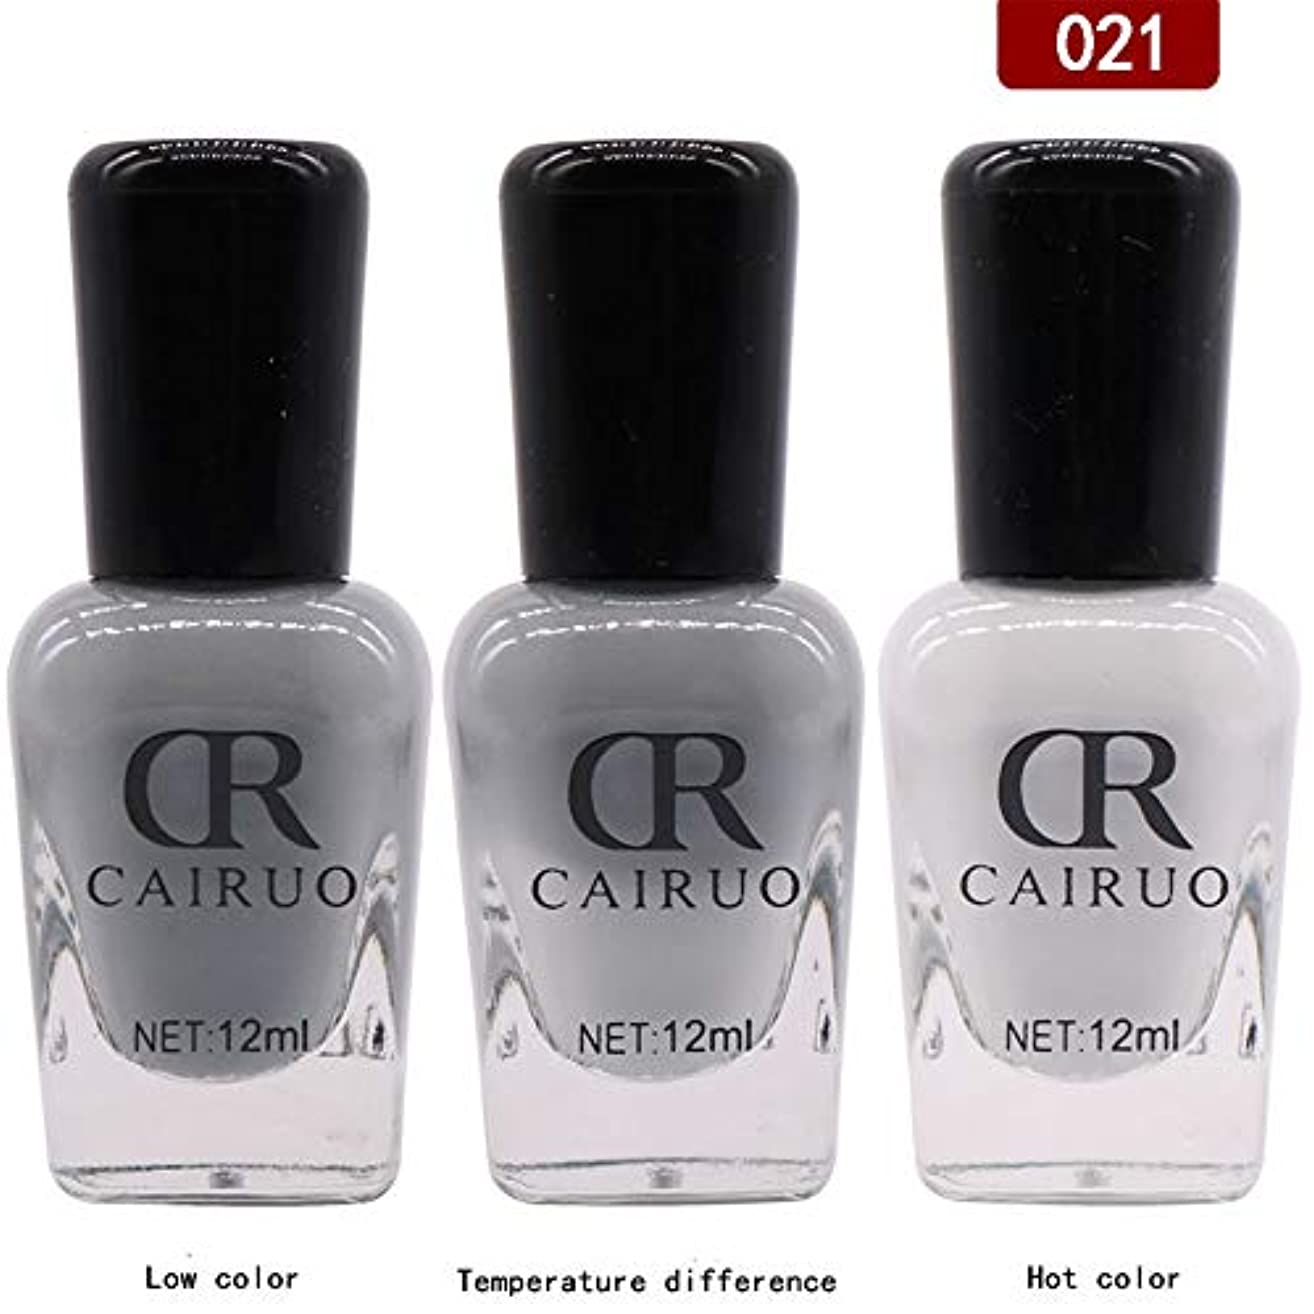 カラージェル 温度により色が変化 カメレオンジェルネイル 剥離可能 ネイルアート 12ml/本 (021)